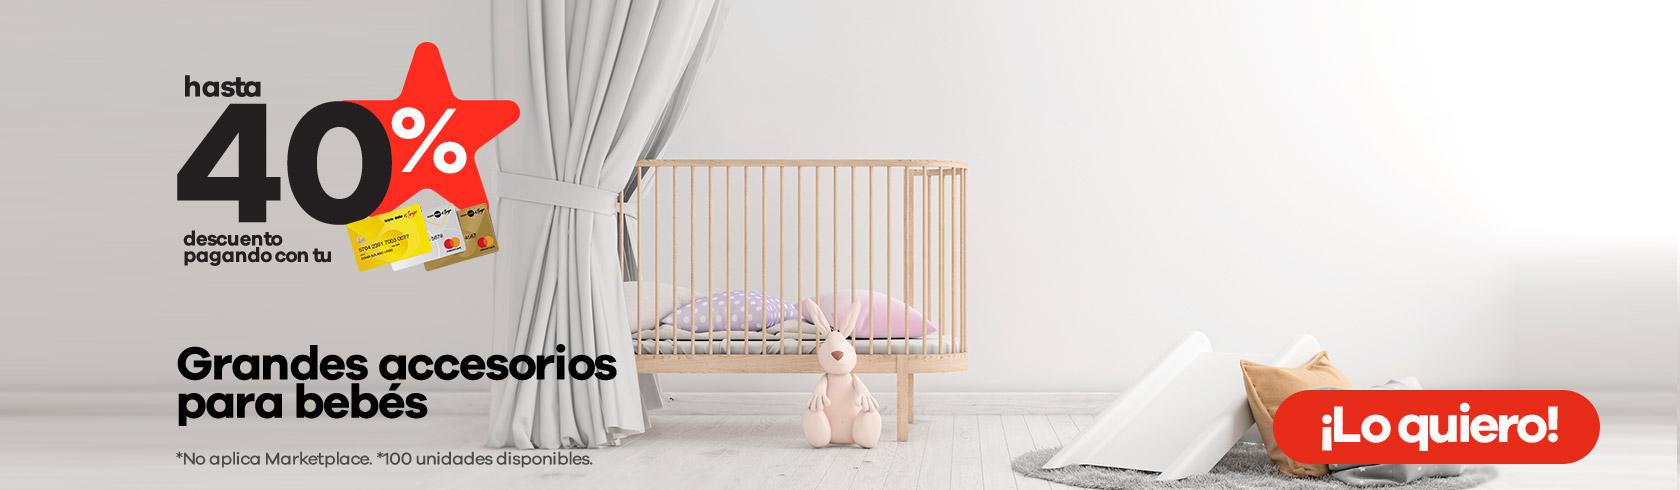 Grandes_accesorios_bebés